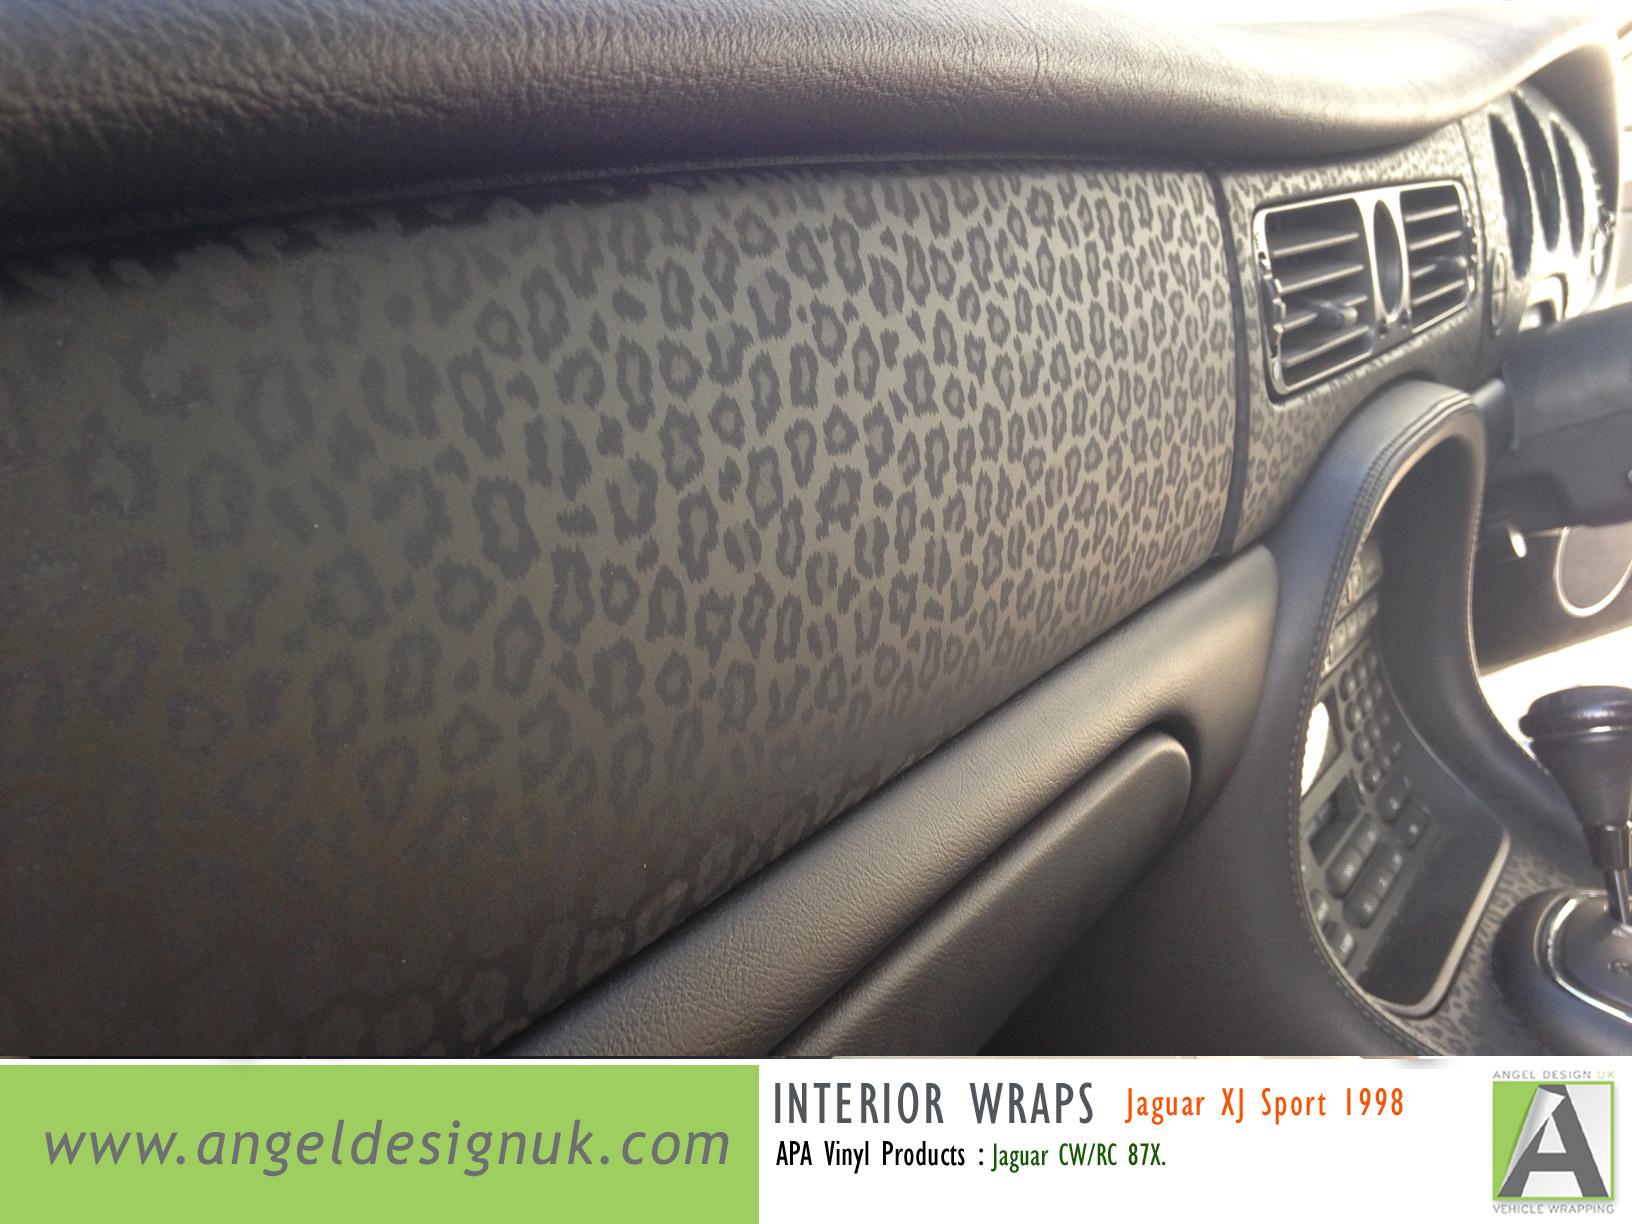 INTERIOR WRAPS JAGUAR PIC 4